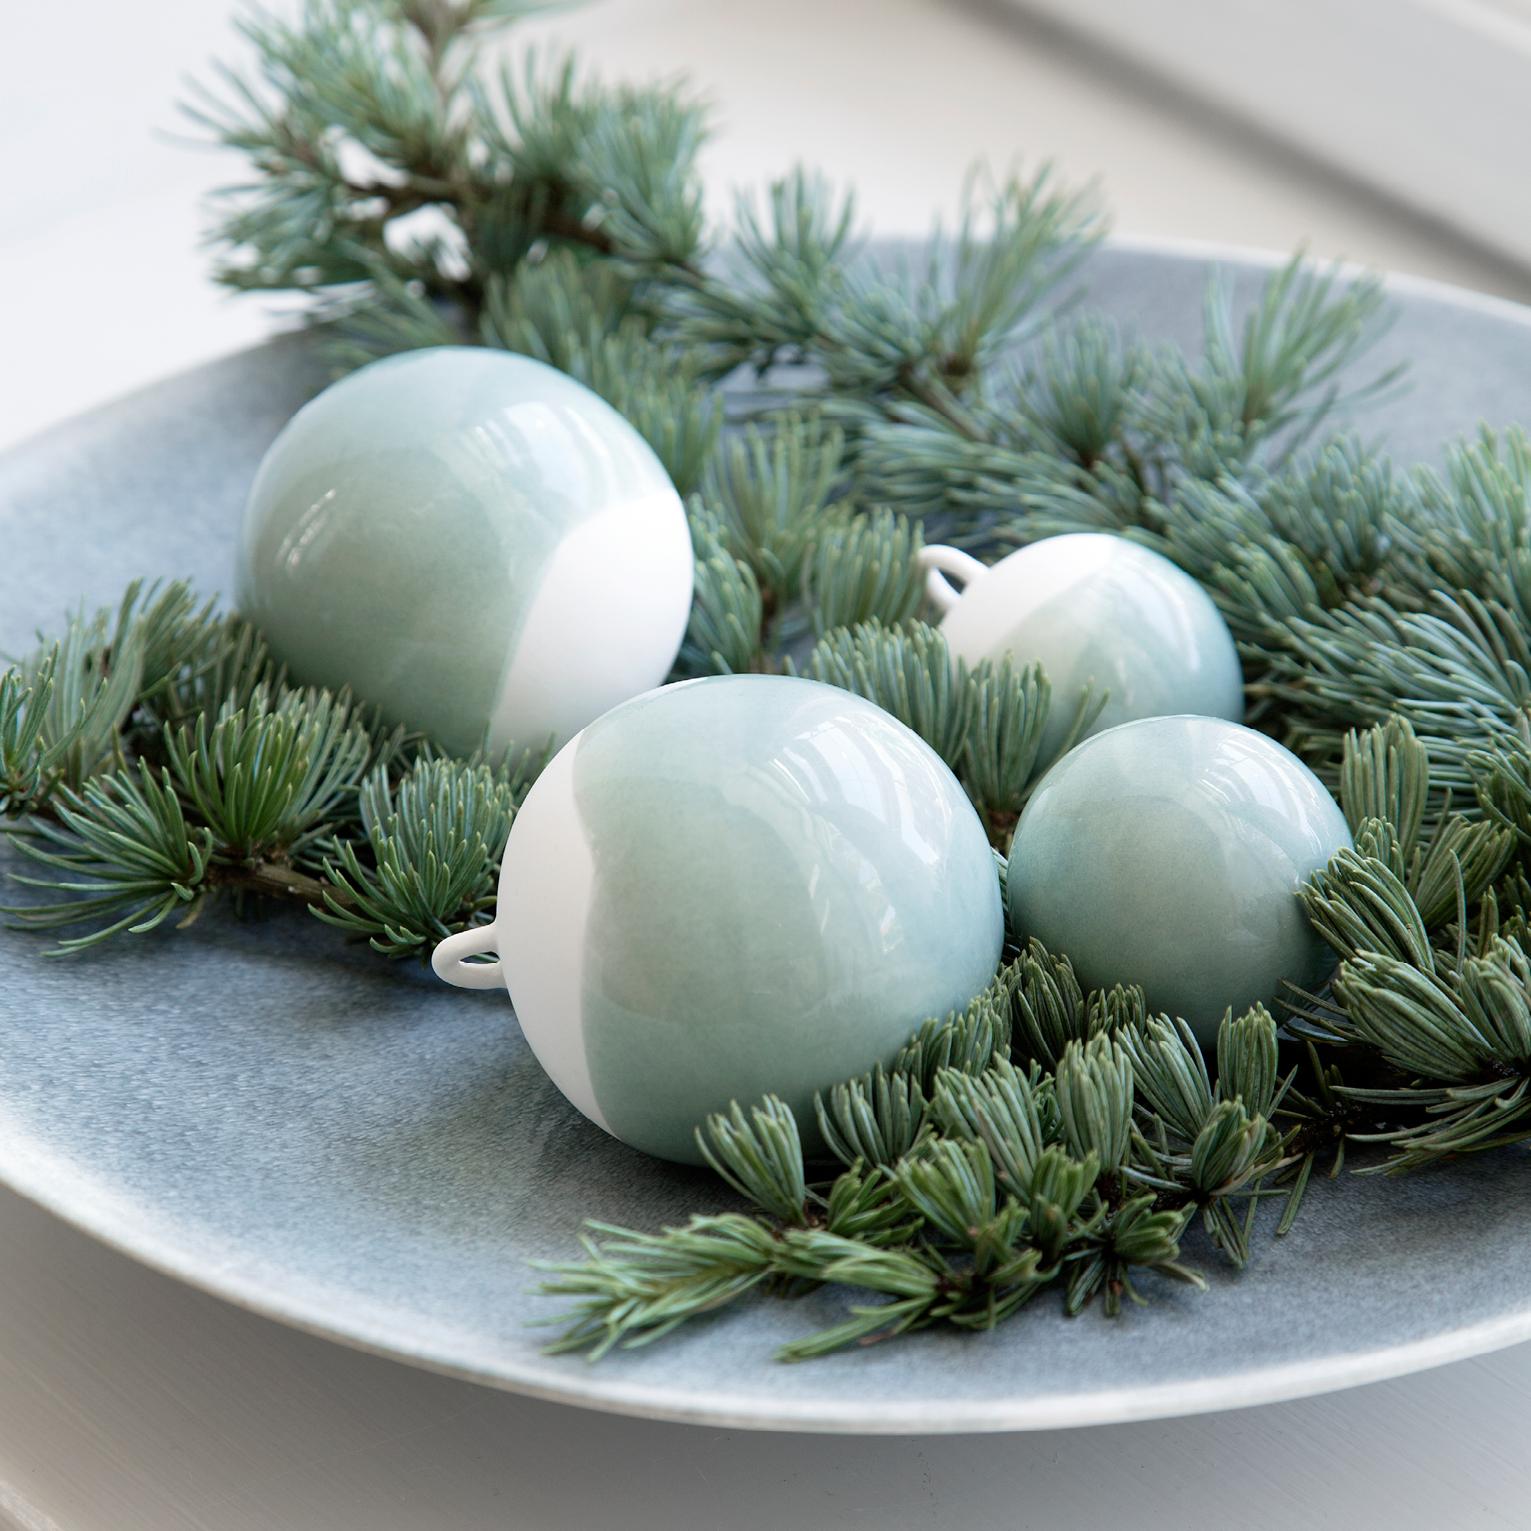 Julen kommer (meget) tidligt i år med den smukke Nobili serie fra Kähler! Skab en hyggelig julestemning med Kählers Nobili  dekorationskugler. Nu på webshoppen. (Leveringstid: Oktober 2015)